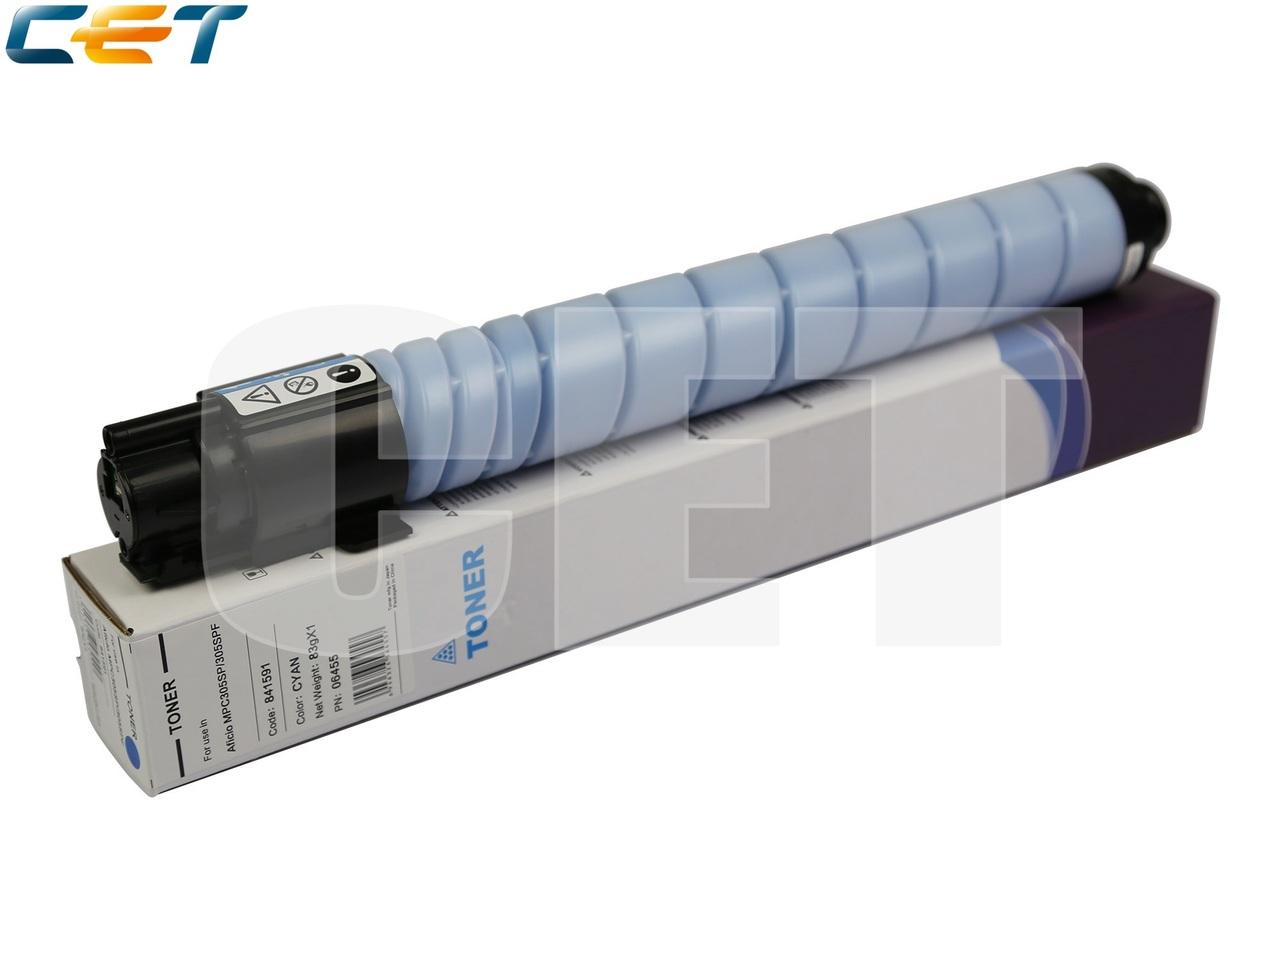 Тонер-картридж (Type 516) 841595 для RICOH AficioMPC305SP/MPC305SPF (CET) Cyan, 83г, 4000 стр., CET6455